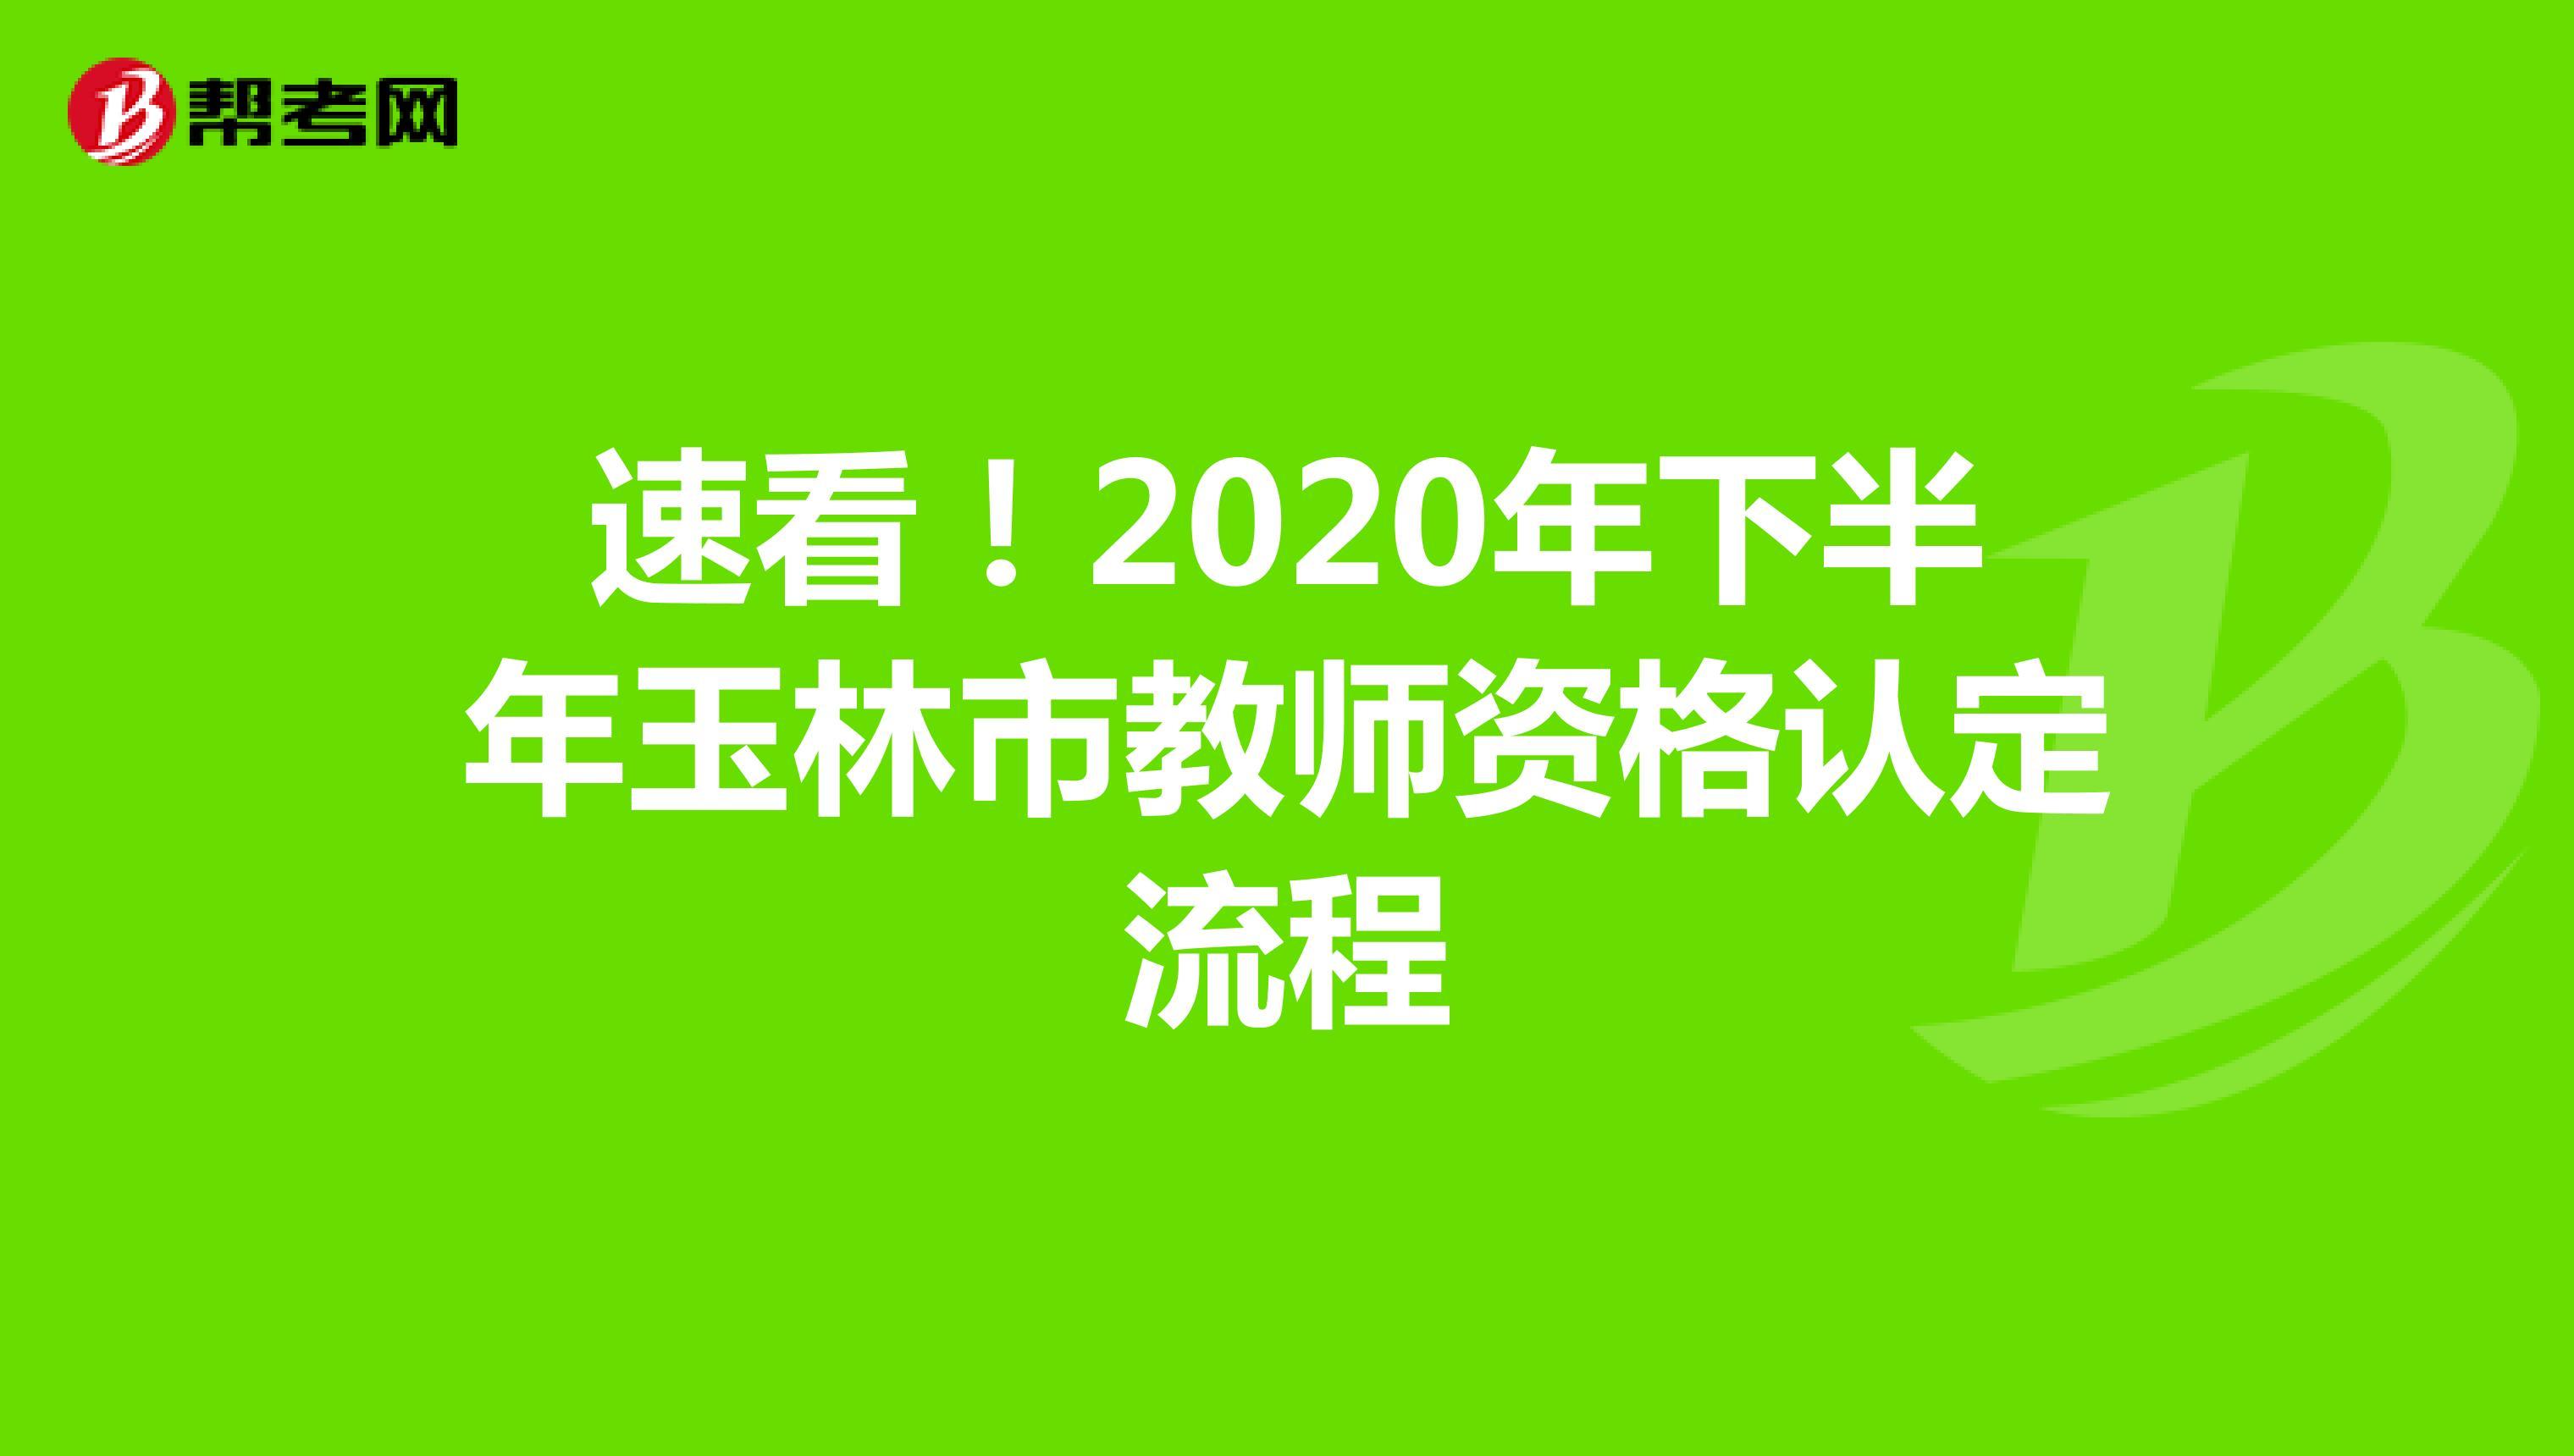 速看!2020年下半年玉林市教师资格认定流程